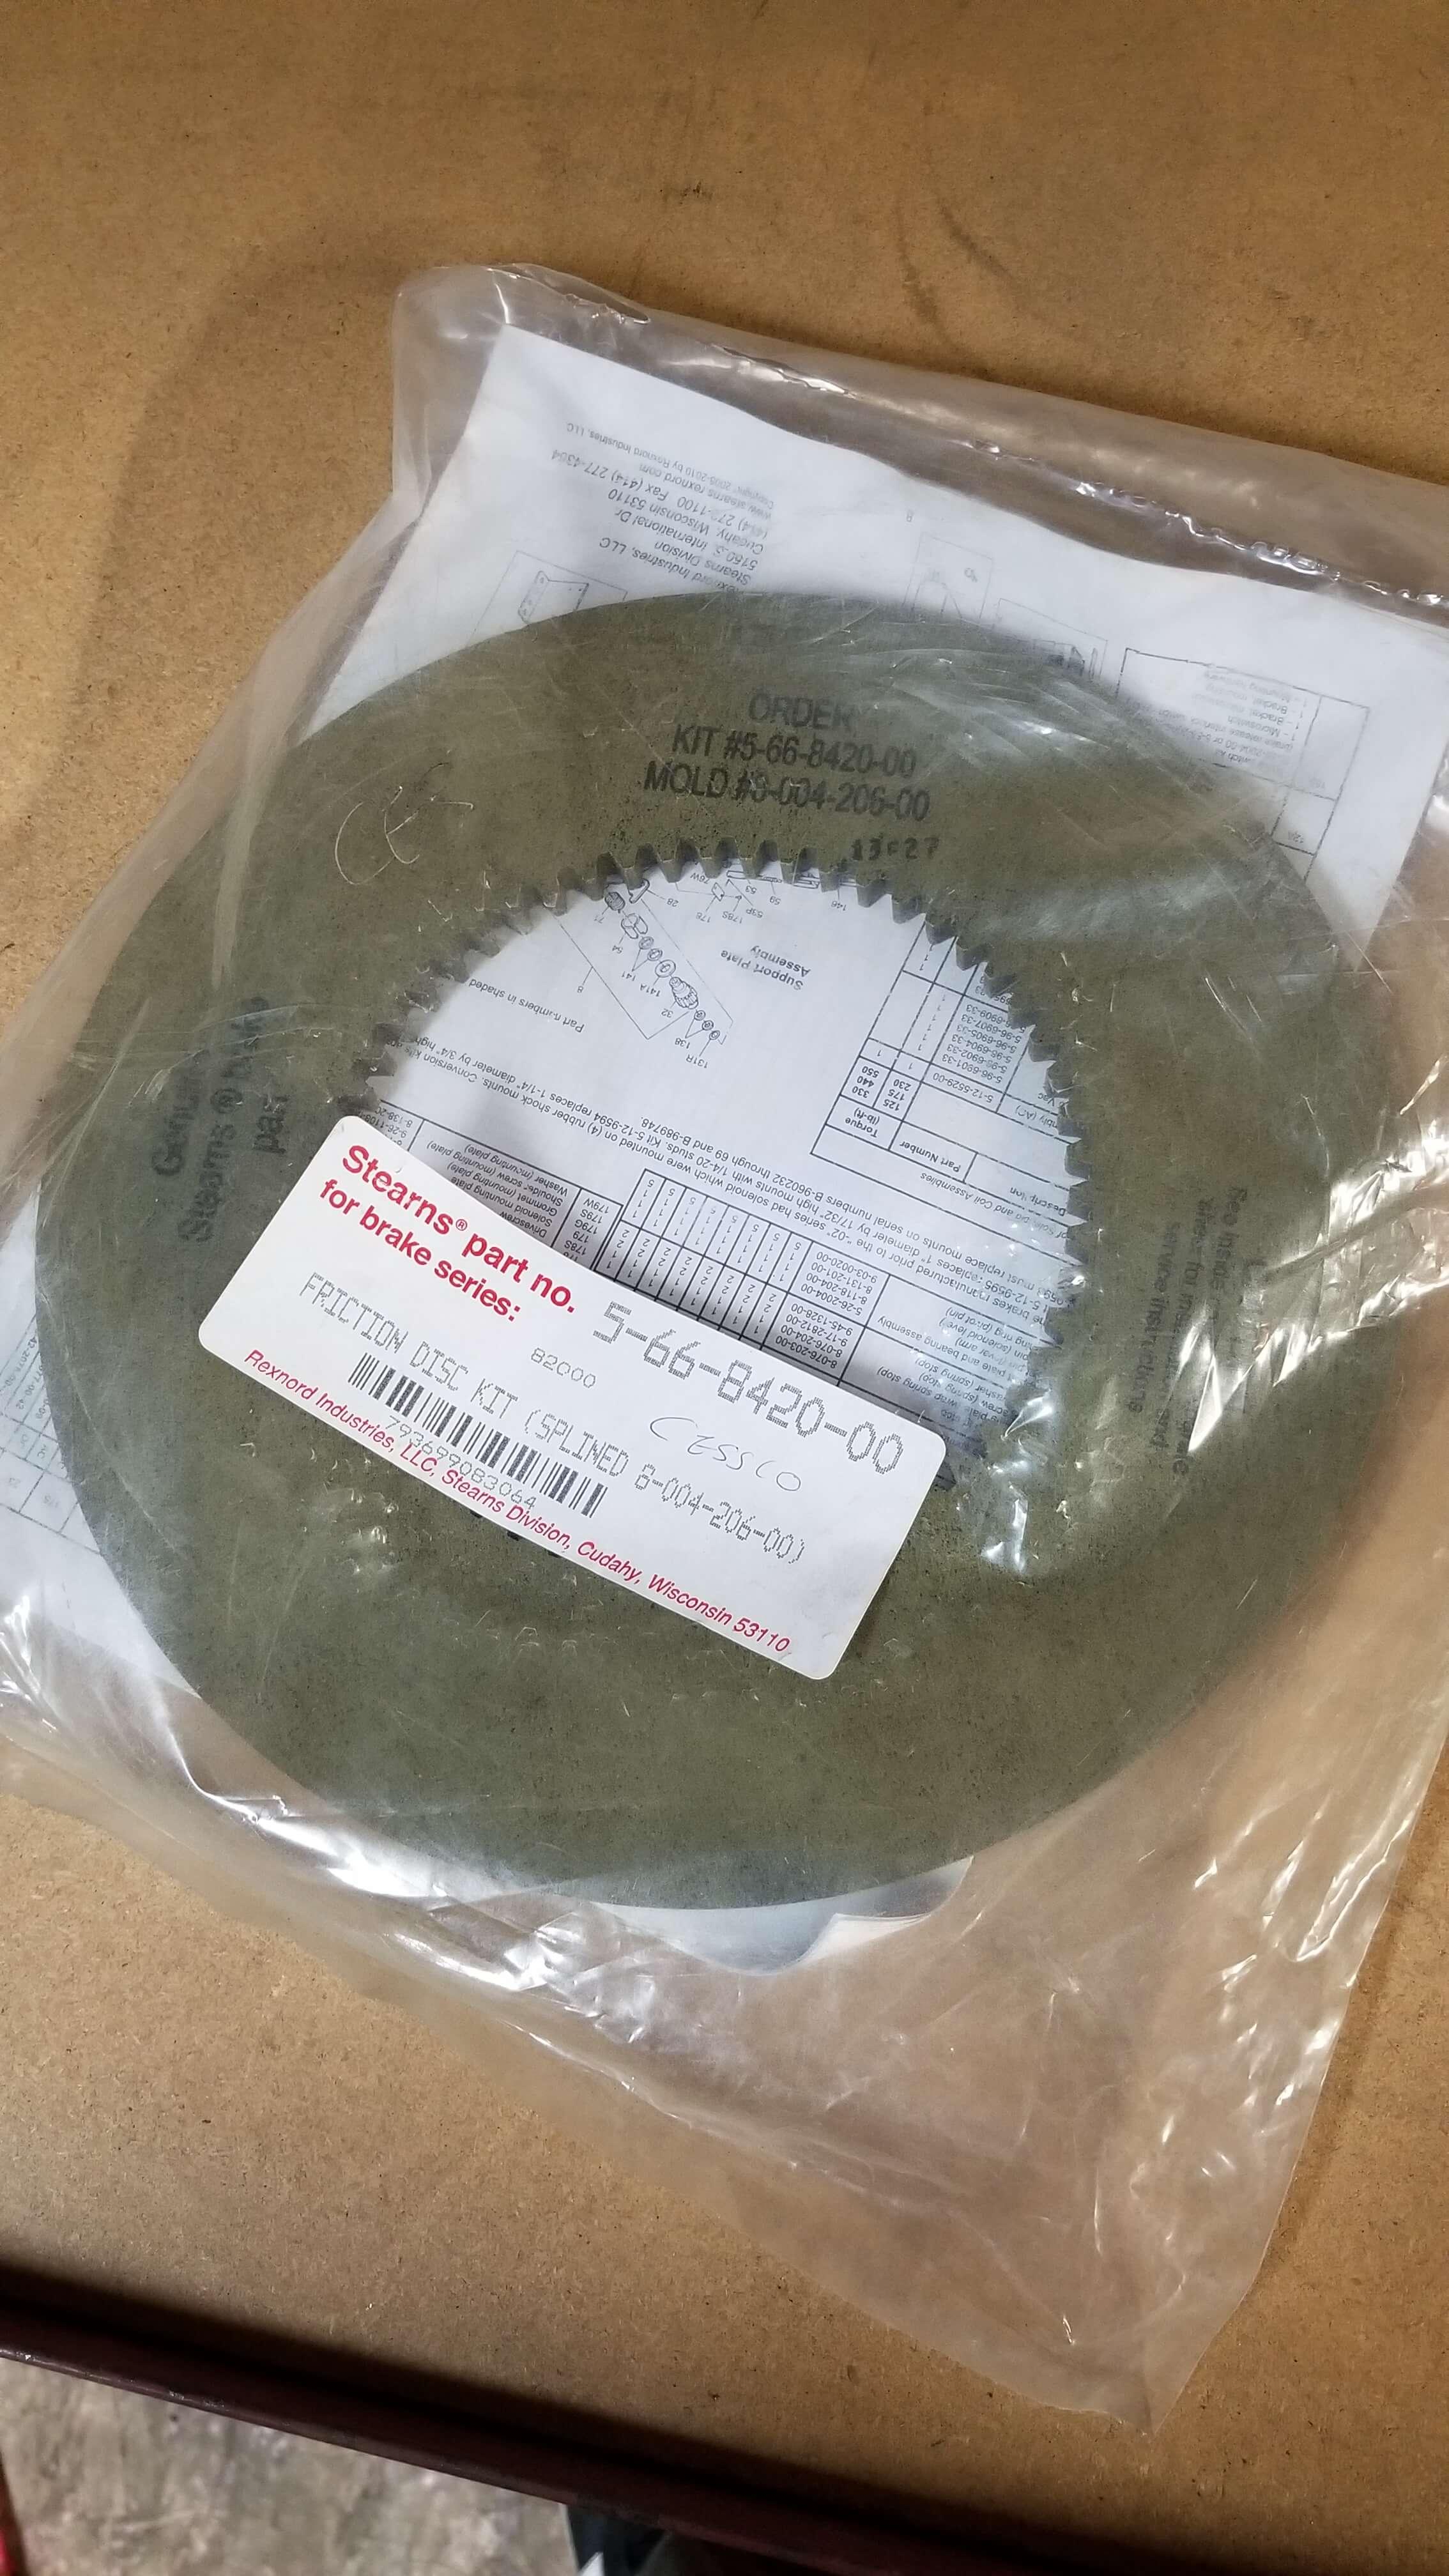 Stearns Brake Disc  P/N: 5 66 8420 00 $280.00